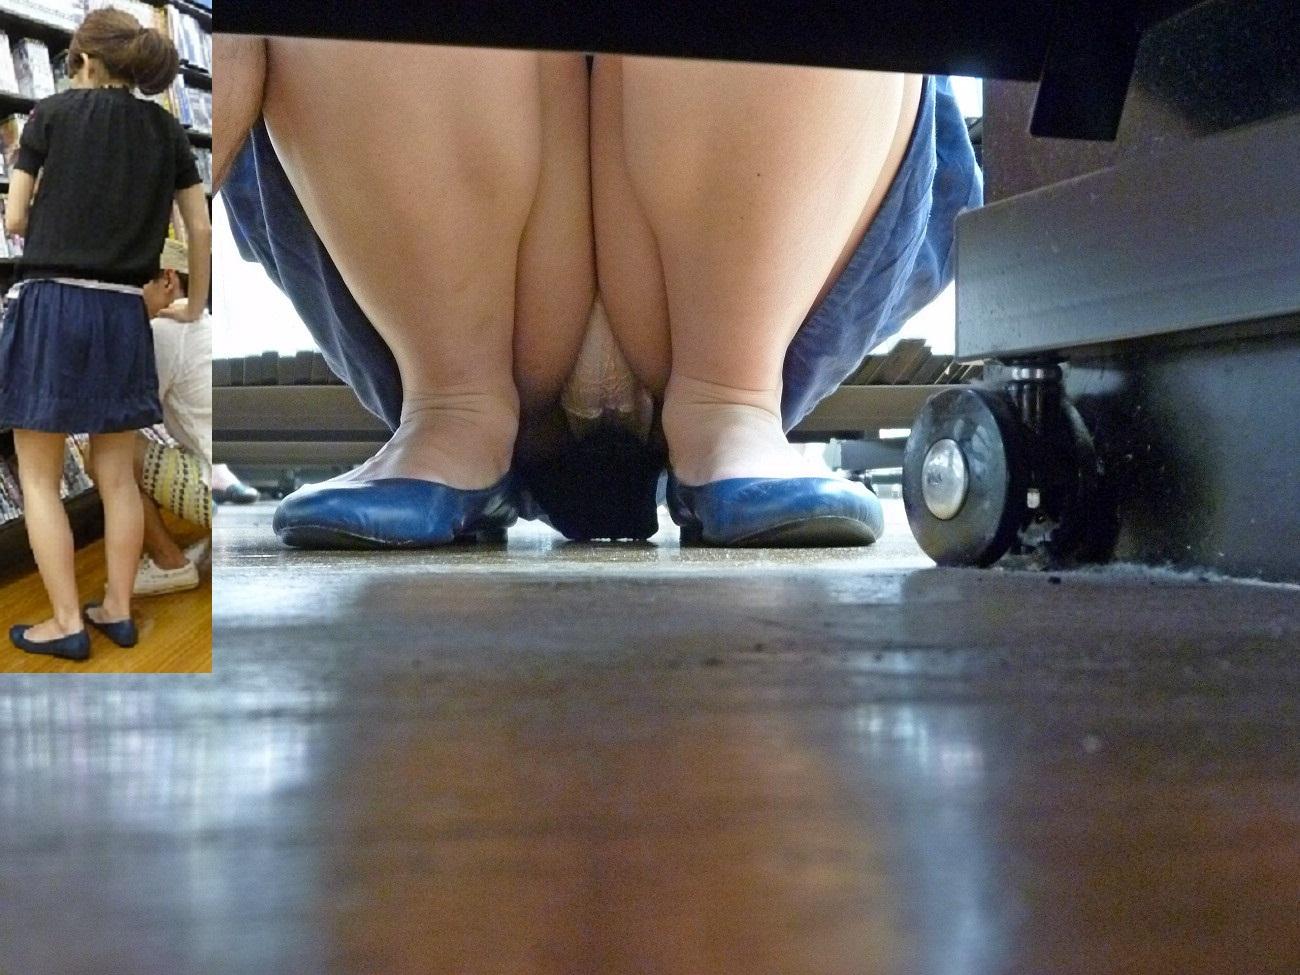 【パンチラエロ画像】下から丸見え!悠長に物色中の座り女子を棚越しに激写www 24